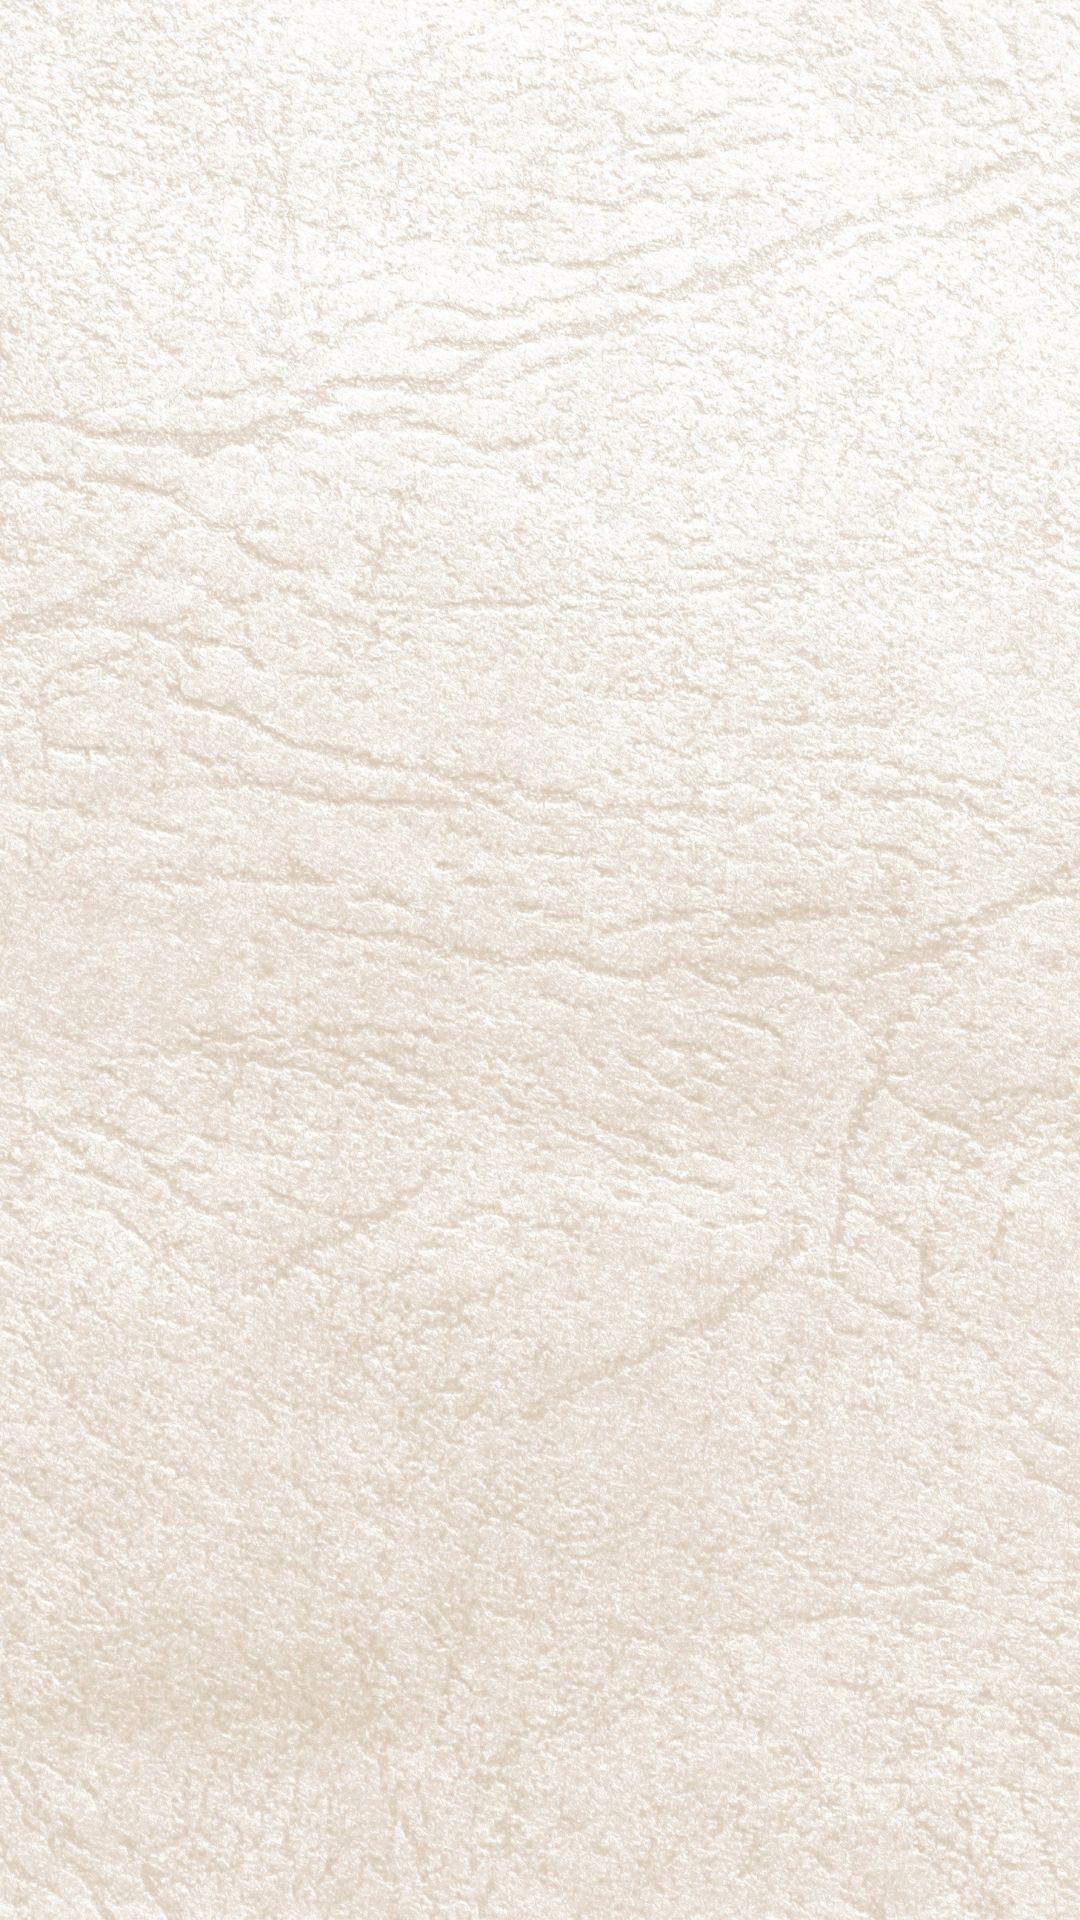 White iOS 8 wallpaper